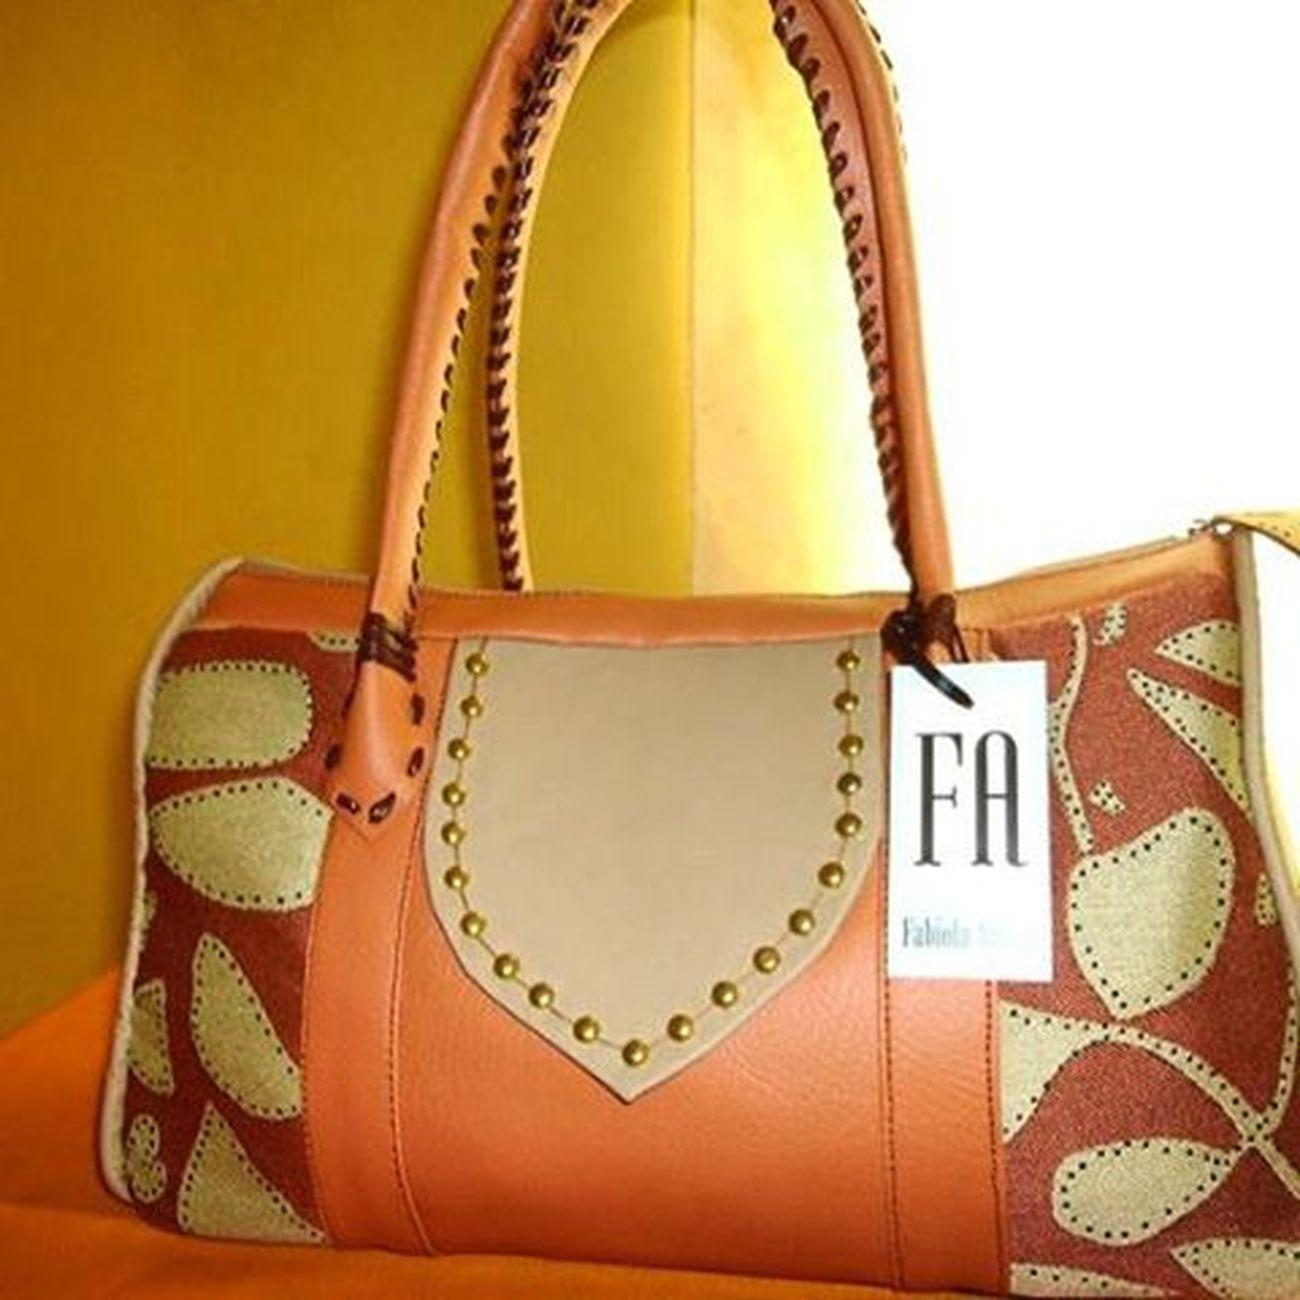 Diseños Fabiola Amaya Bazamas Intercontinentalmaracaibo bazar modasTendencias .